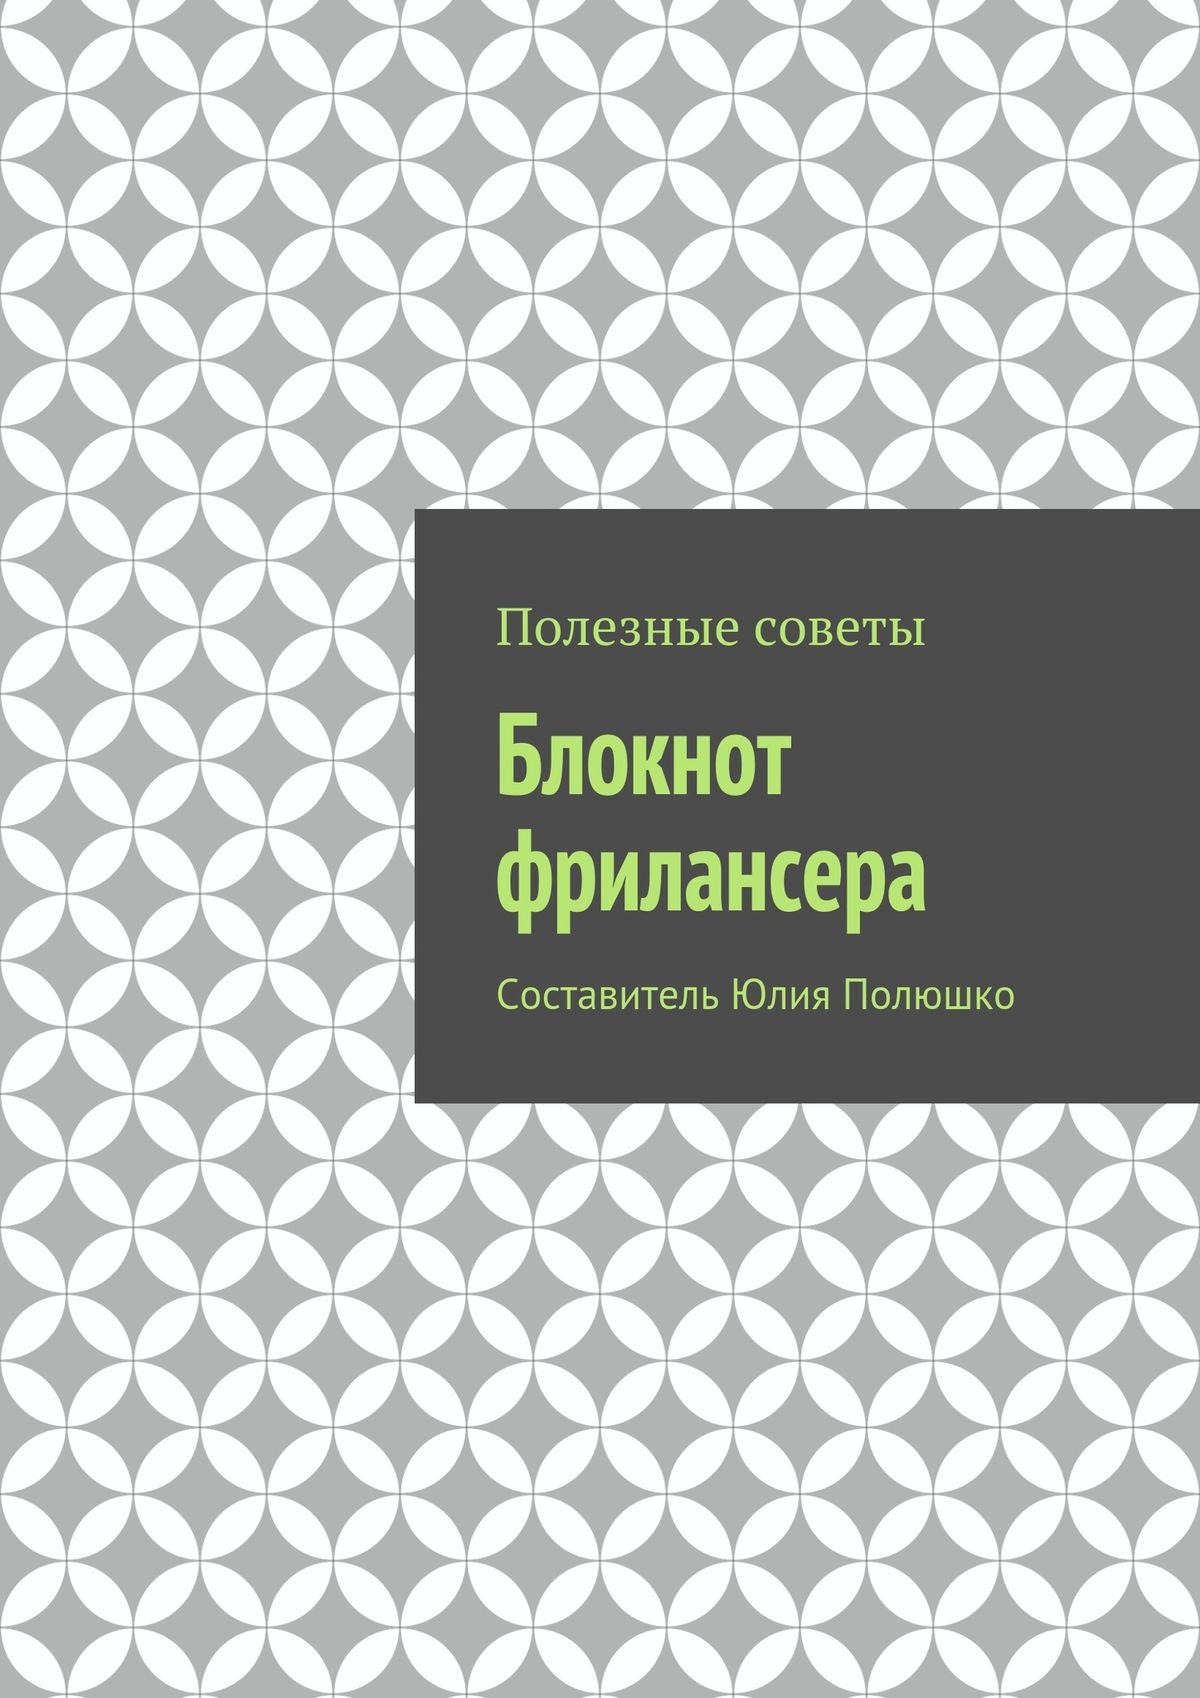 Коллектив авторов Блокнот фрилансера андрей горбунов 100 советов по бесплатному привлечению клиентов